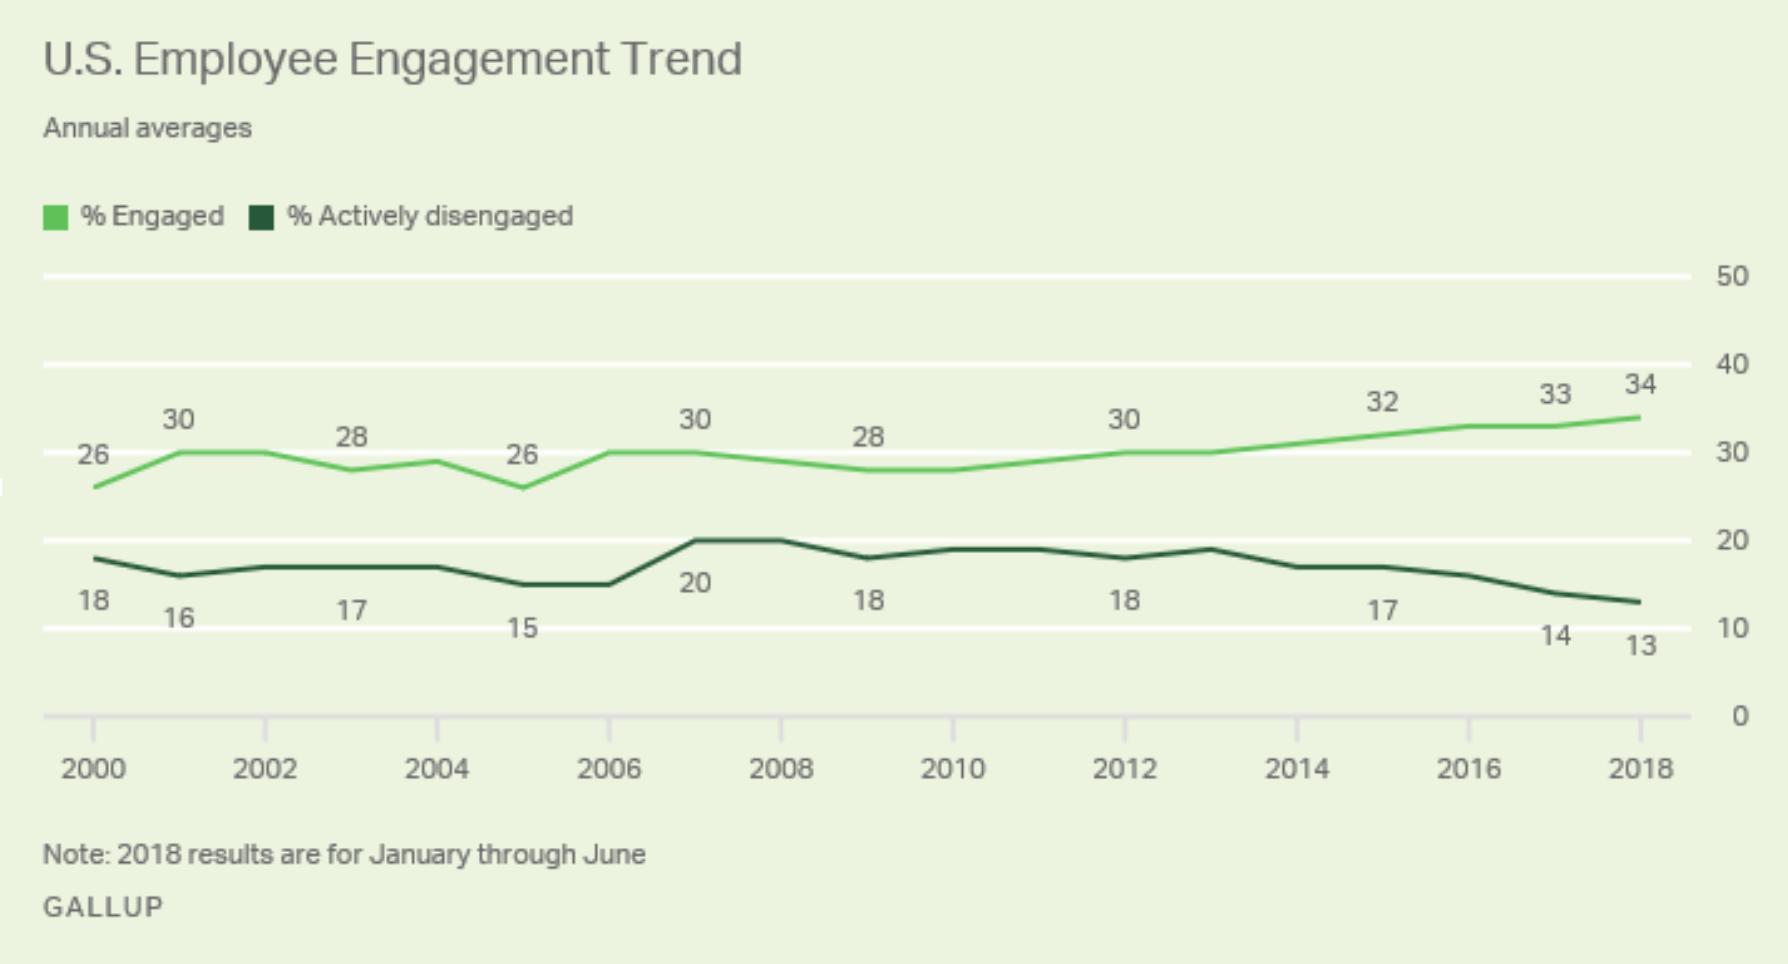 Tendance à la hausse de l'engagement aux USA. - Source : Etude Gallup